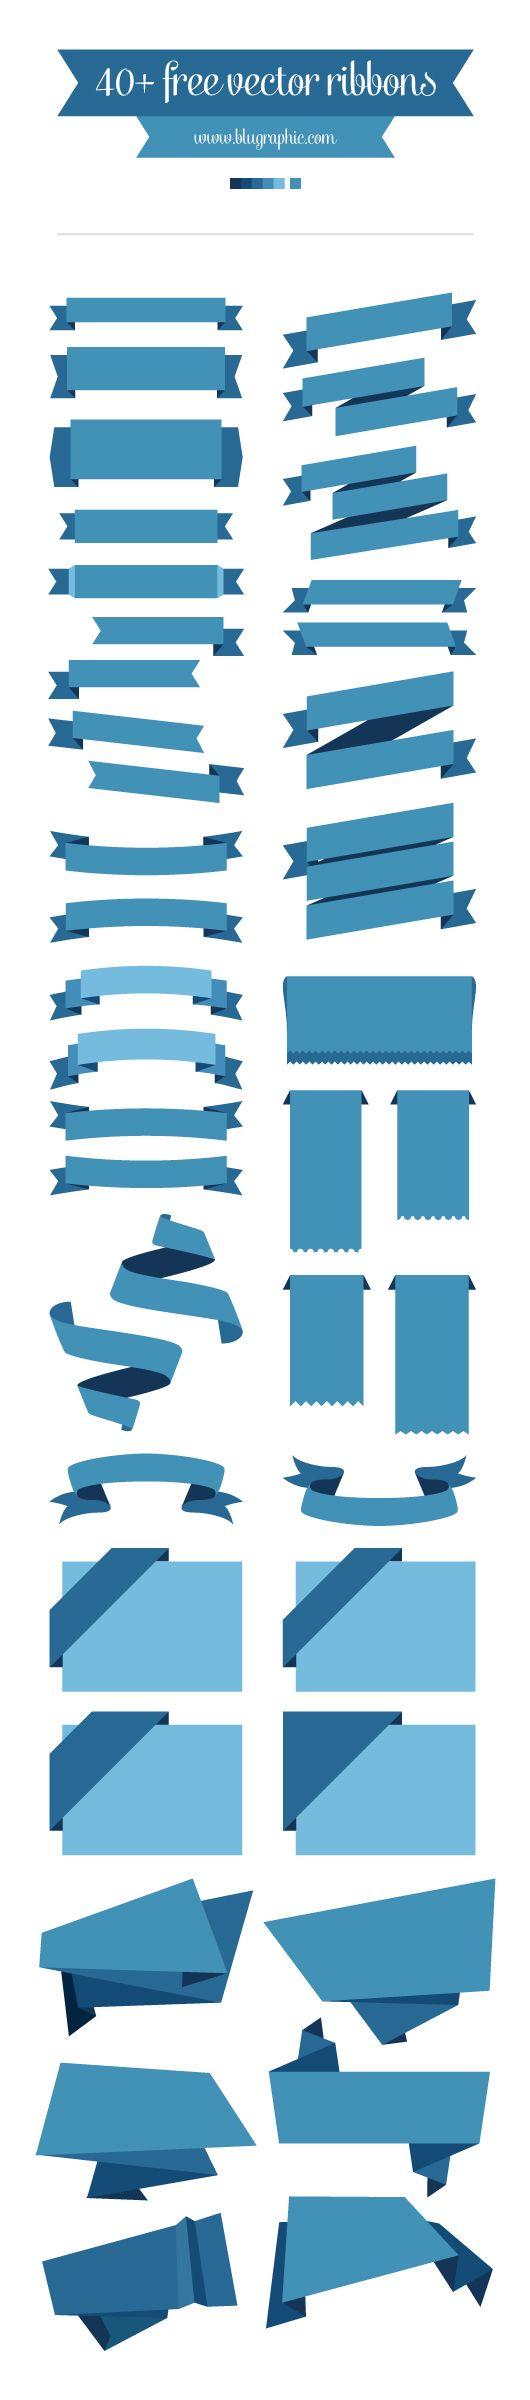 40+ Free Vector Ribbons